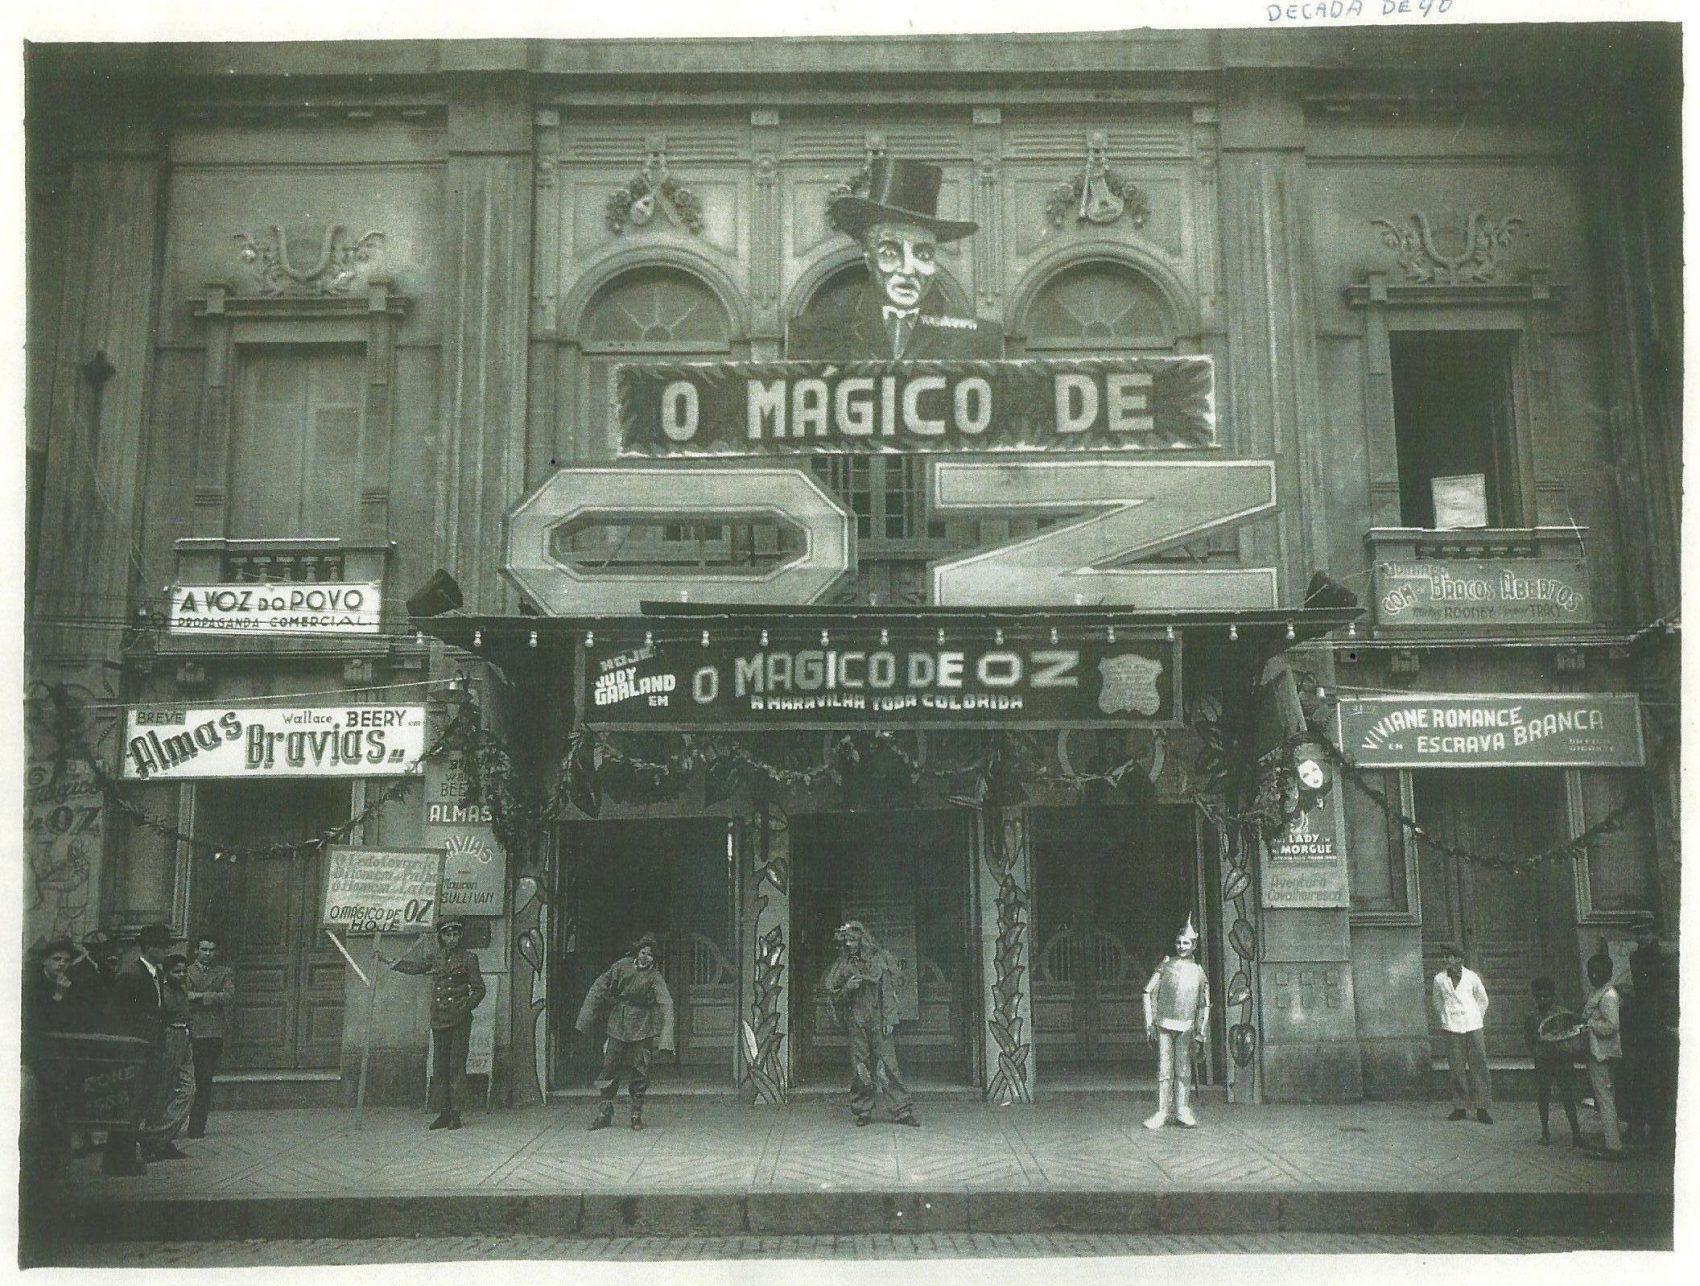 Theatro Sete de Abril, de Pelotas. Filme O Mágico de Oz. Década de 1940. Acervo Memorial Theatro Sete de Abril